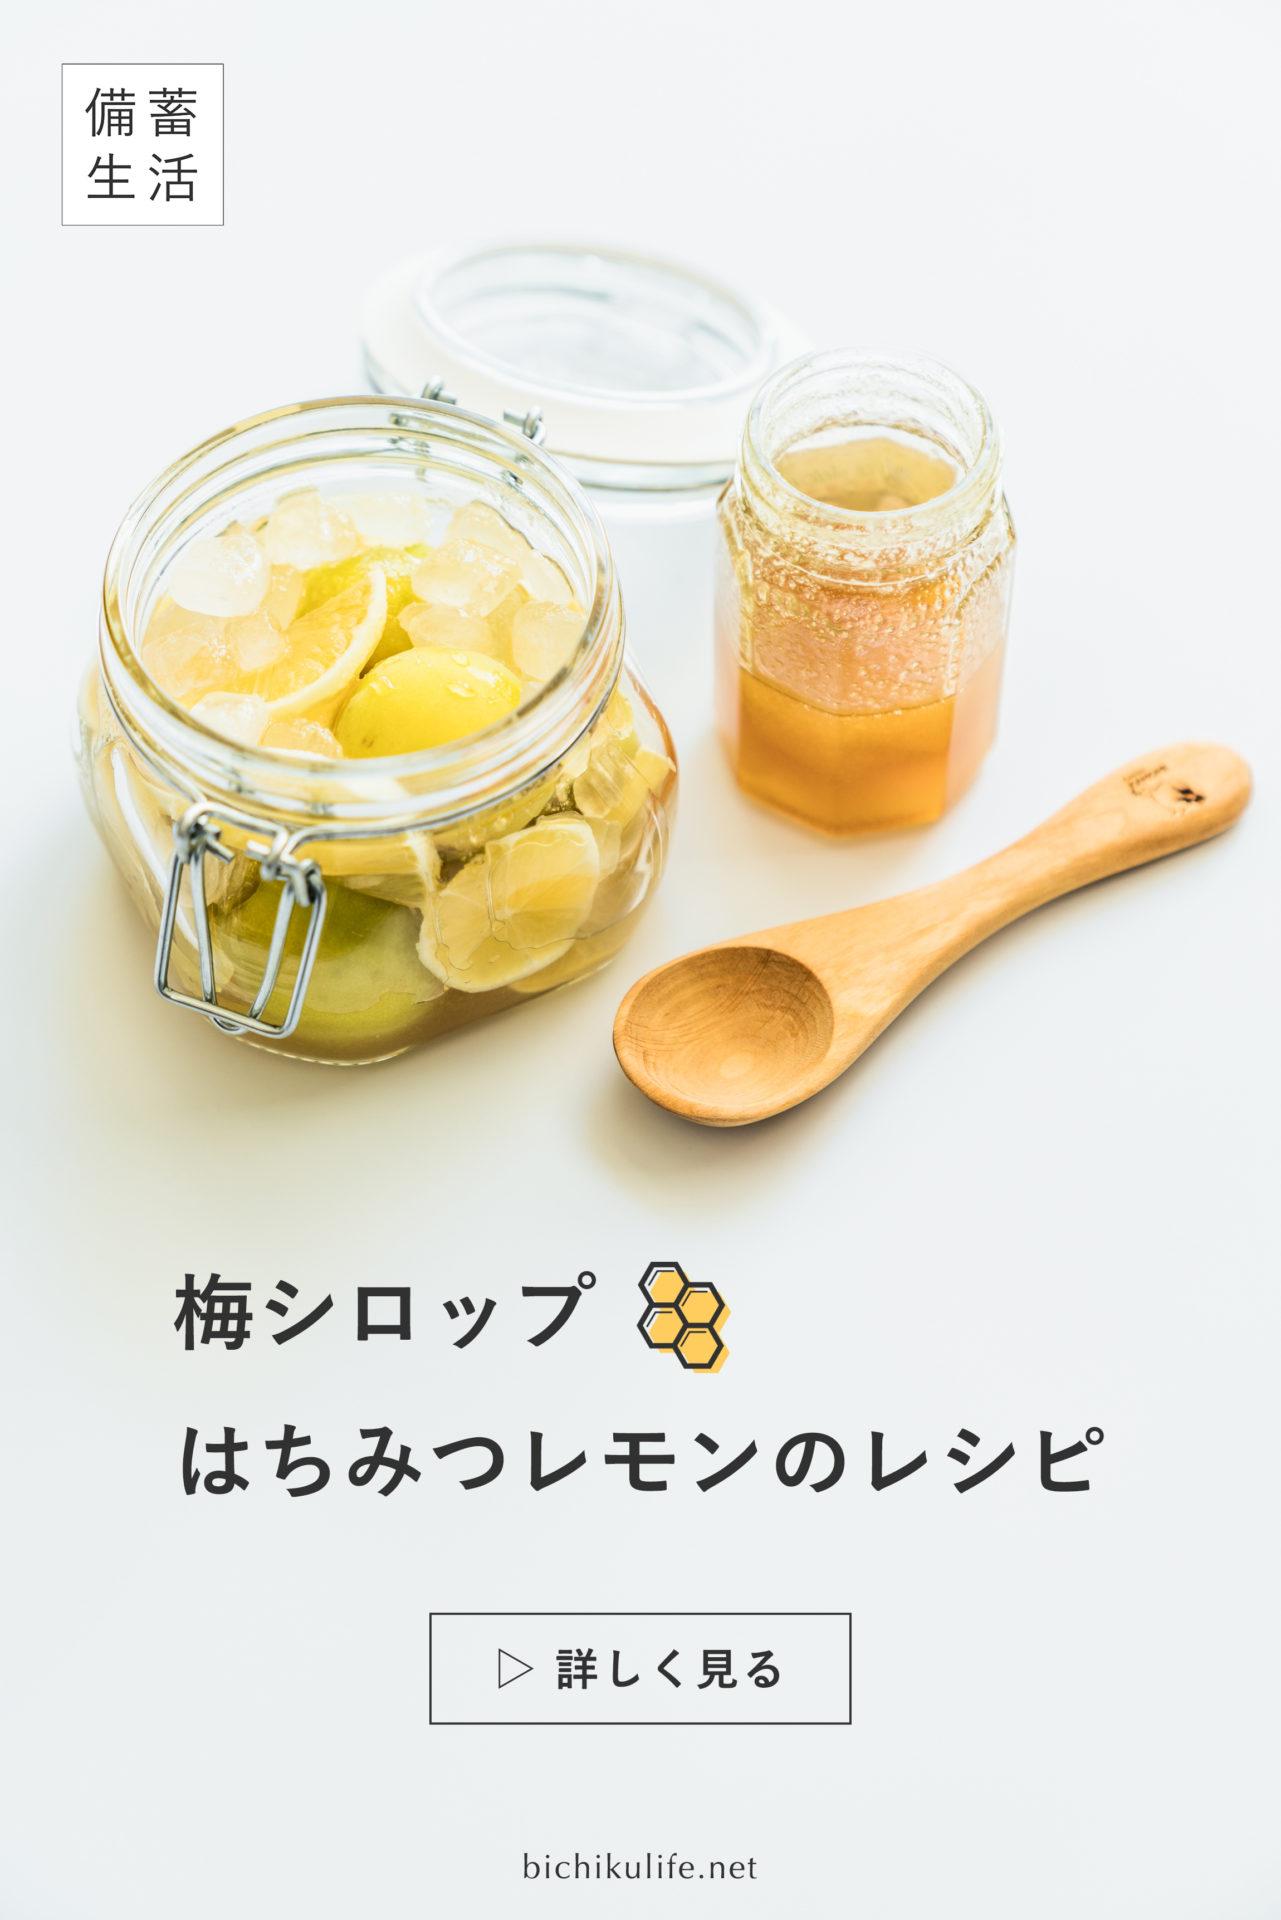 梅シロップ はちみつレモンのレシピ|とろ〜りハチミツと爽やかな酸味